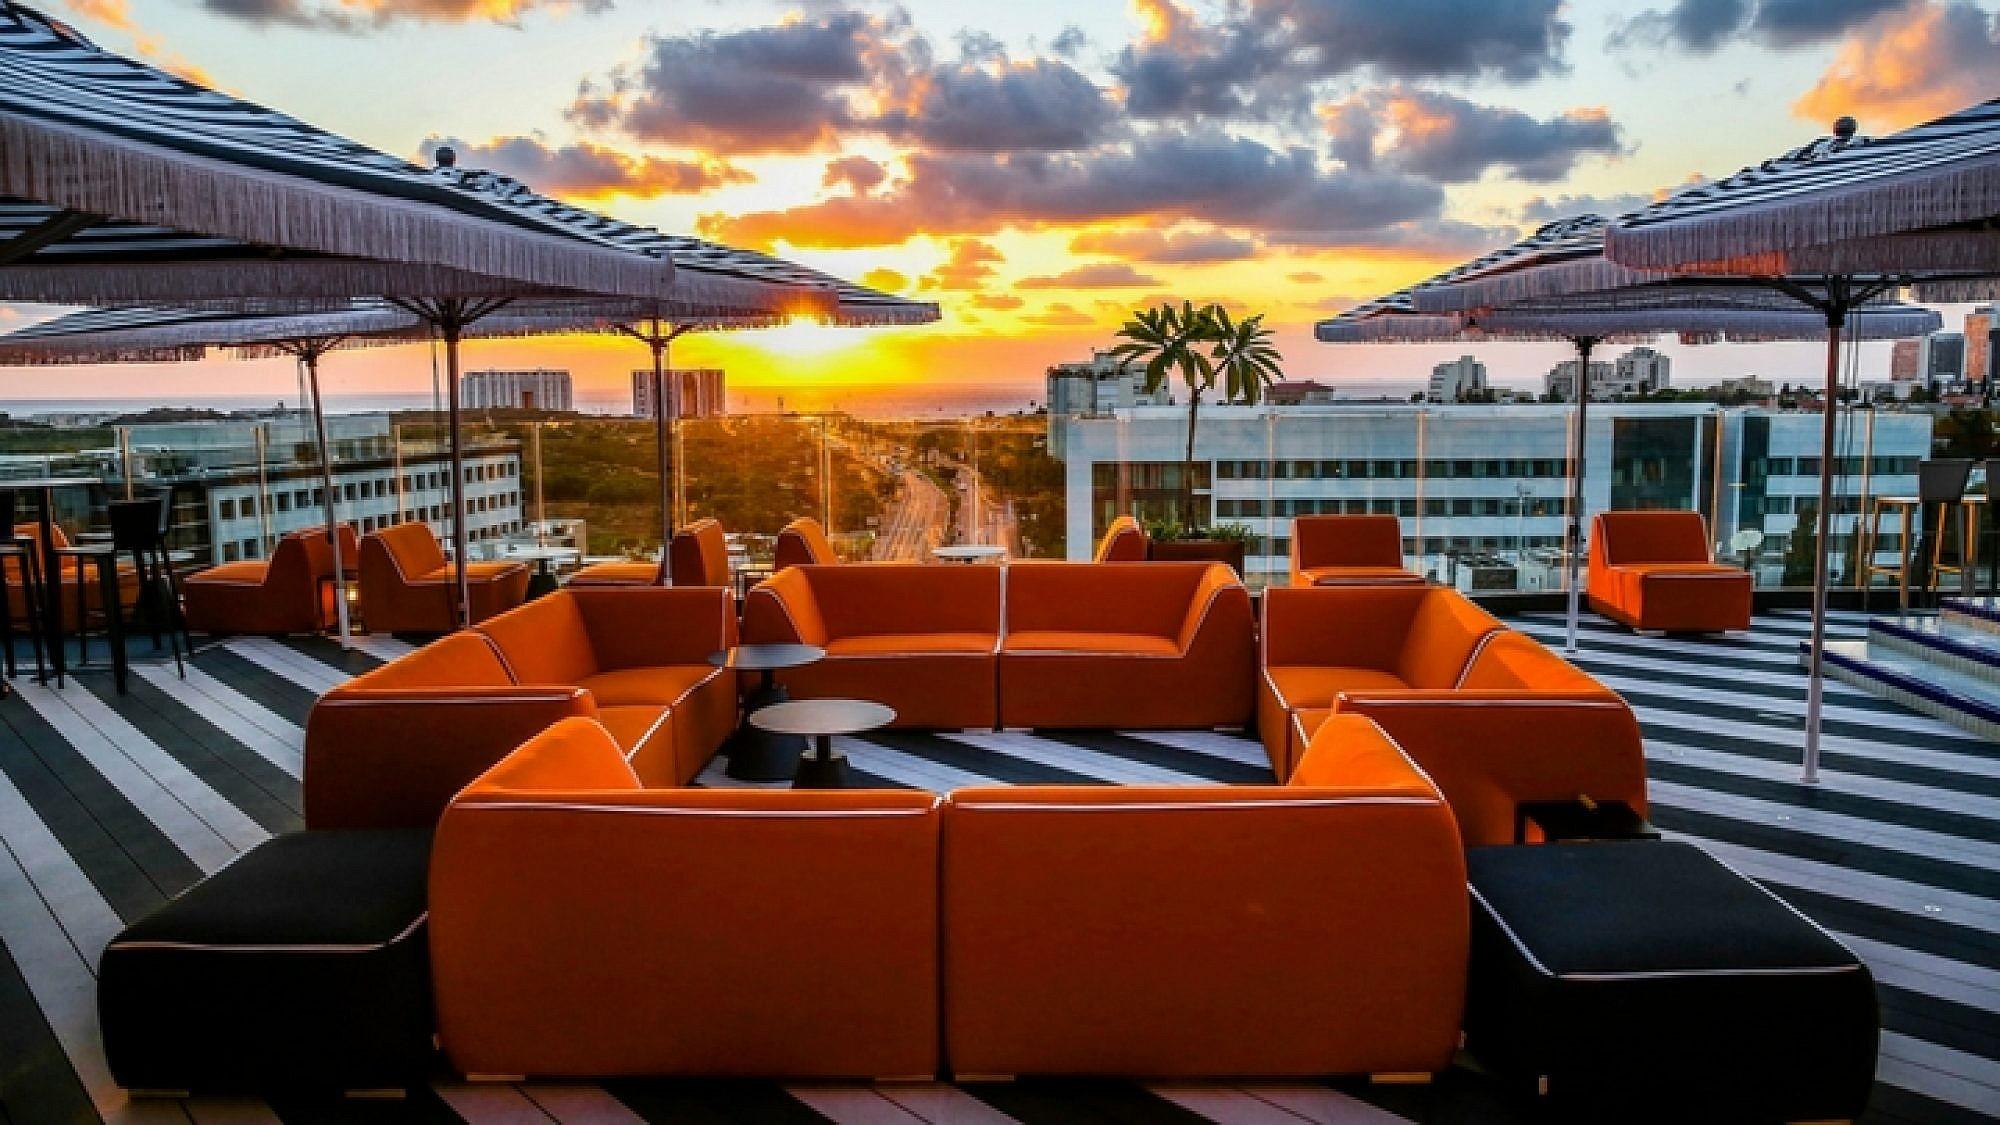 רק בשביל הגג שווה לבוא: מלון פאבליקה בהרצליה | צילום: אלירן אביטל